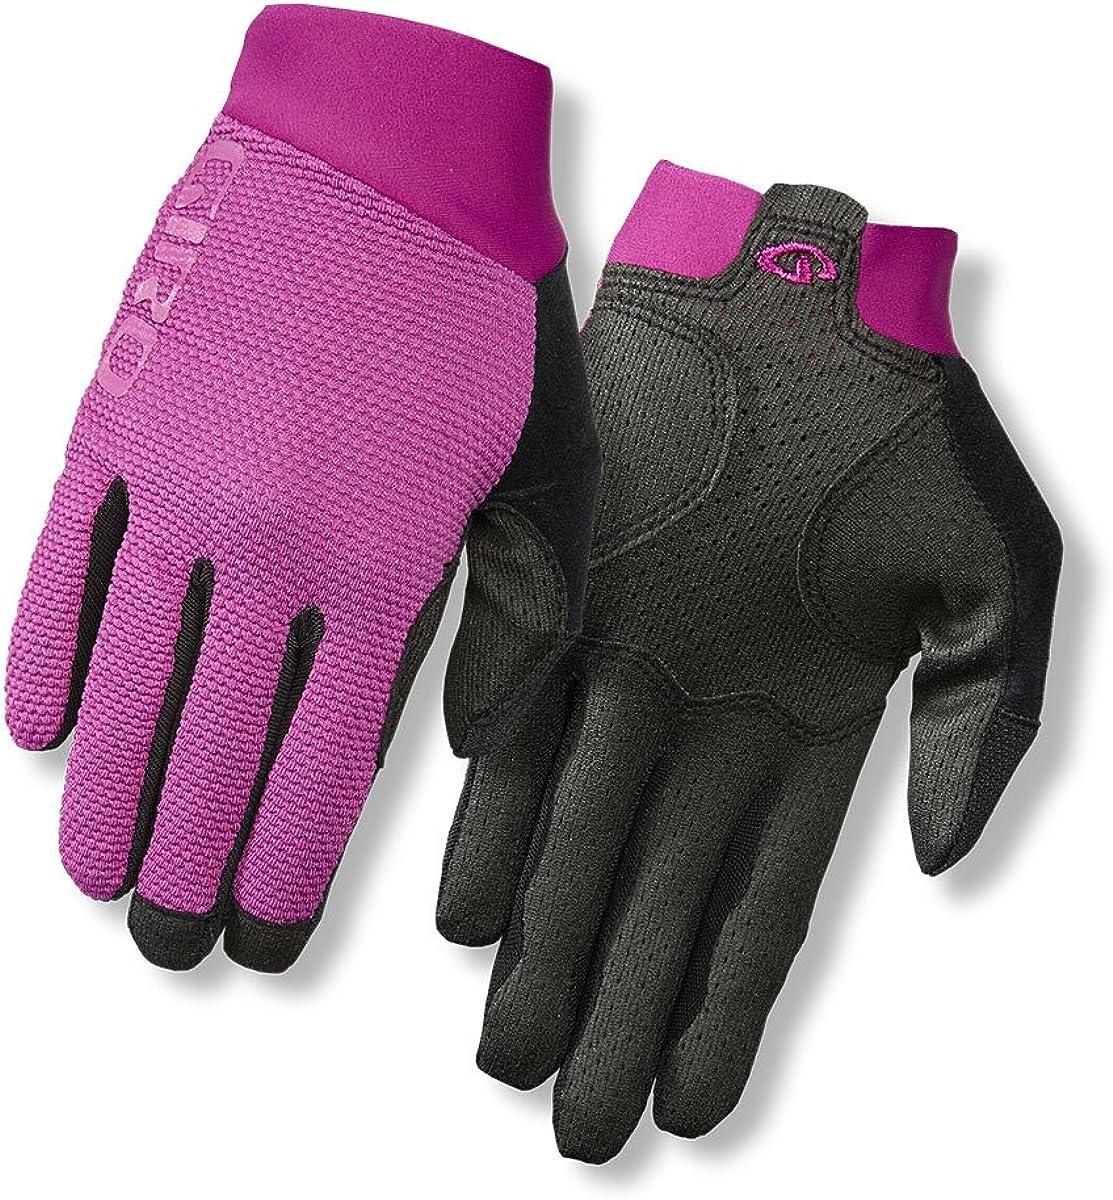 Giro Women's Riv'Ette Gloves